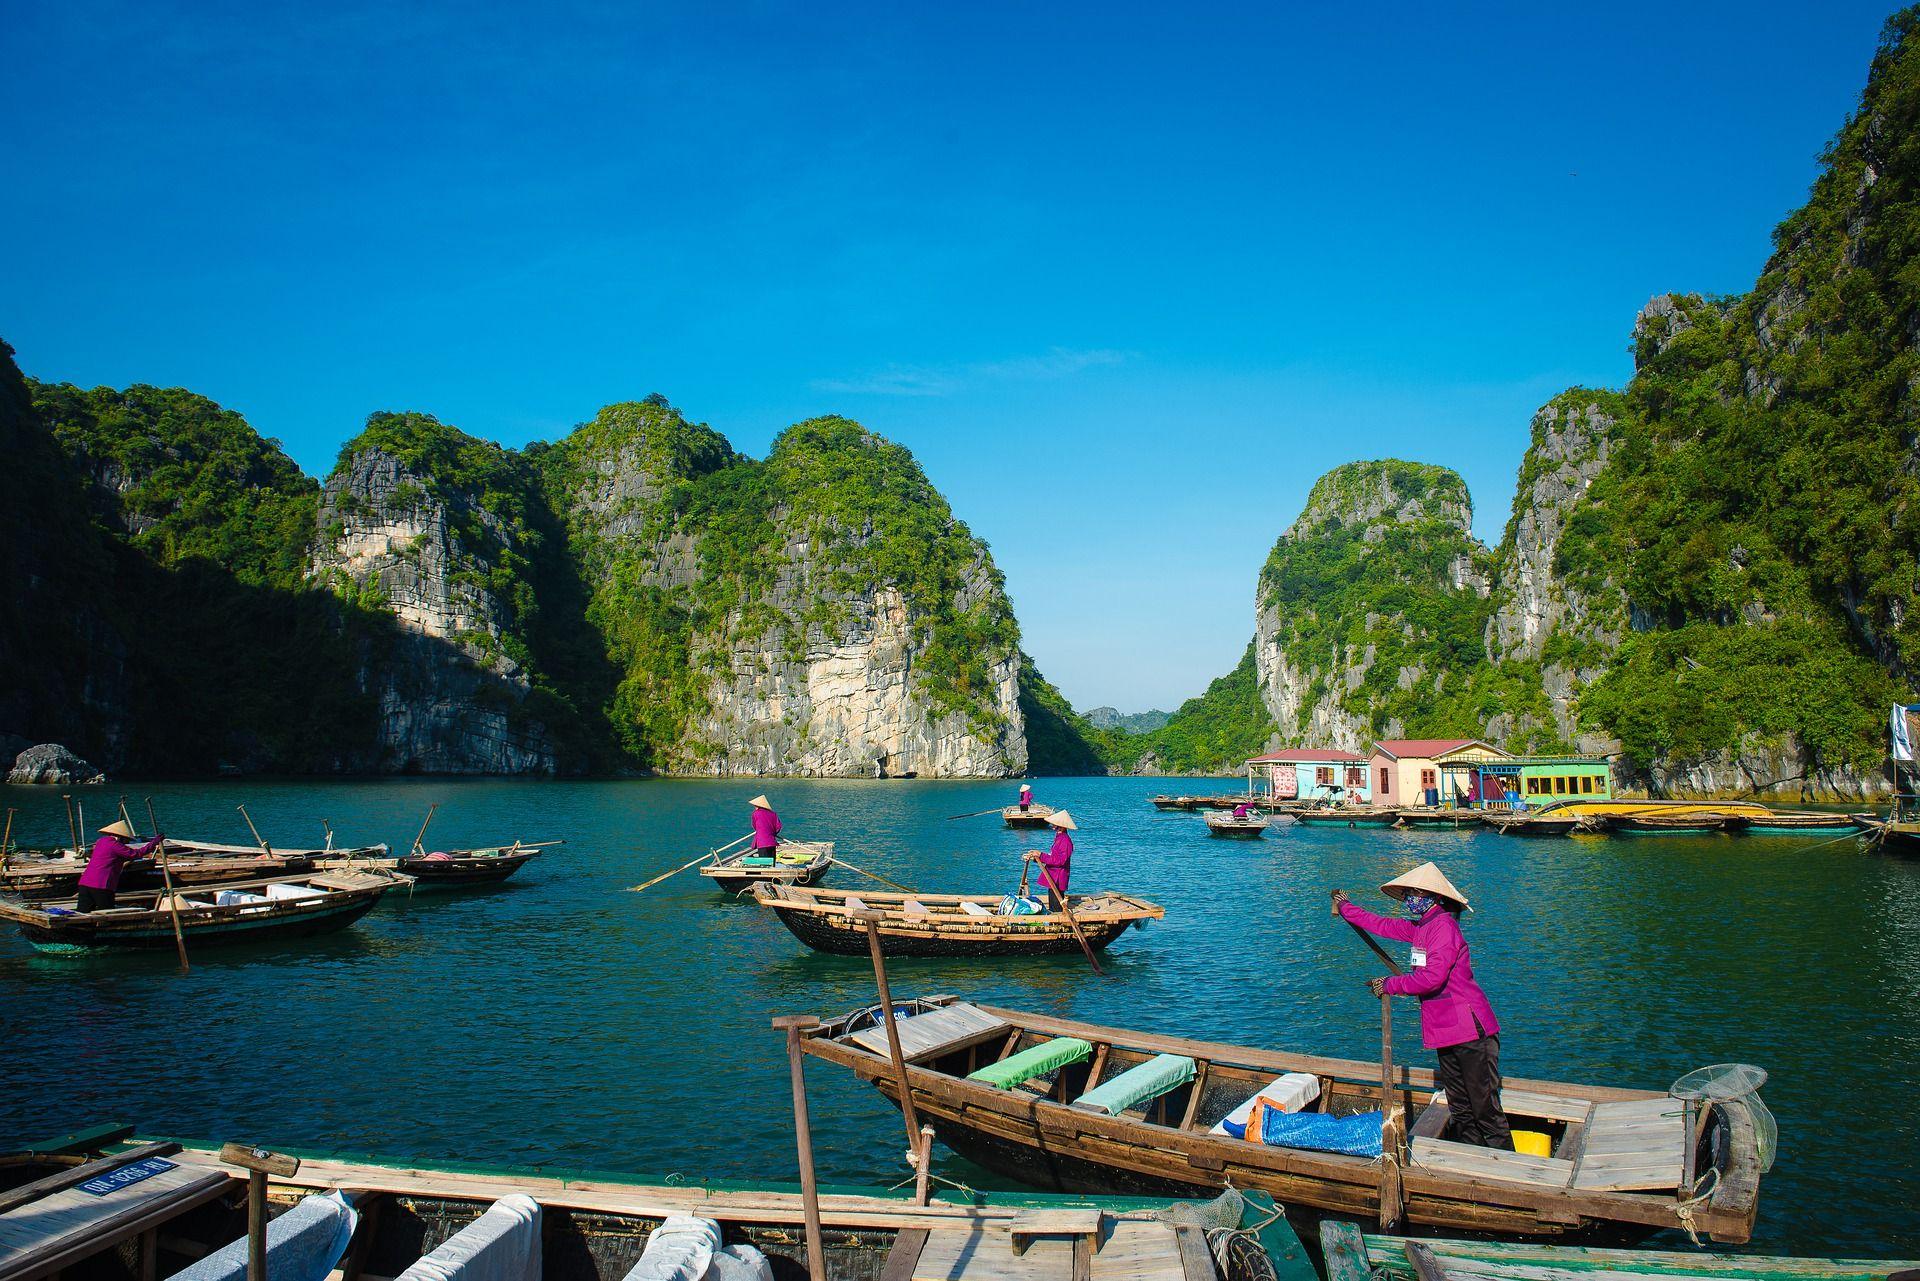 東南亞之旅 14晚航程(名人 千禧號)